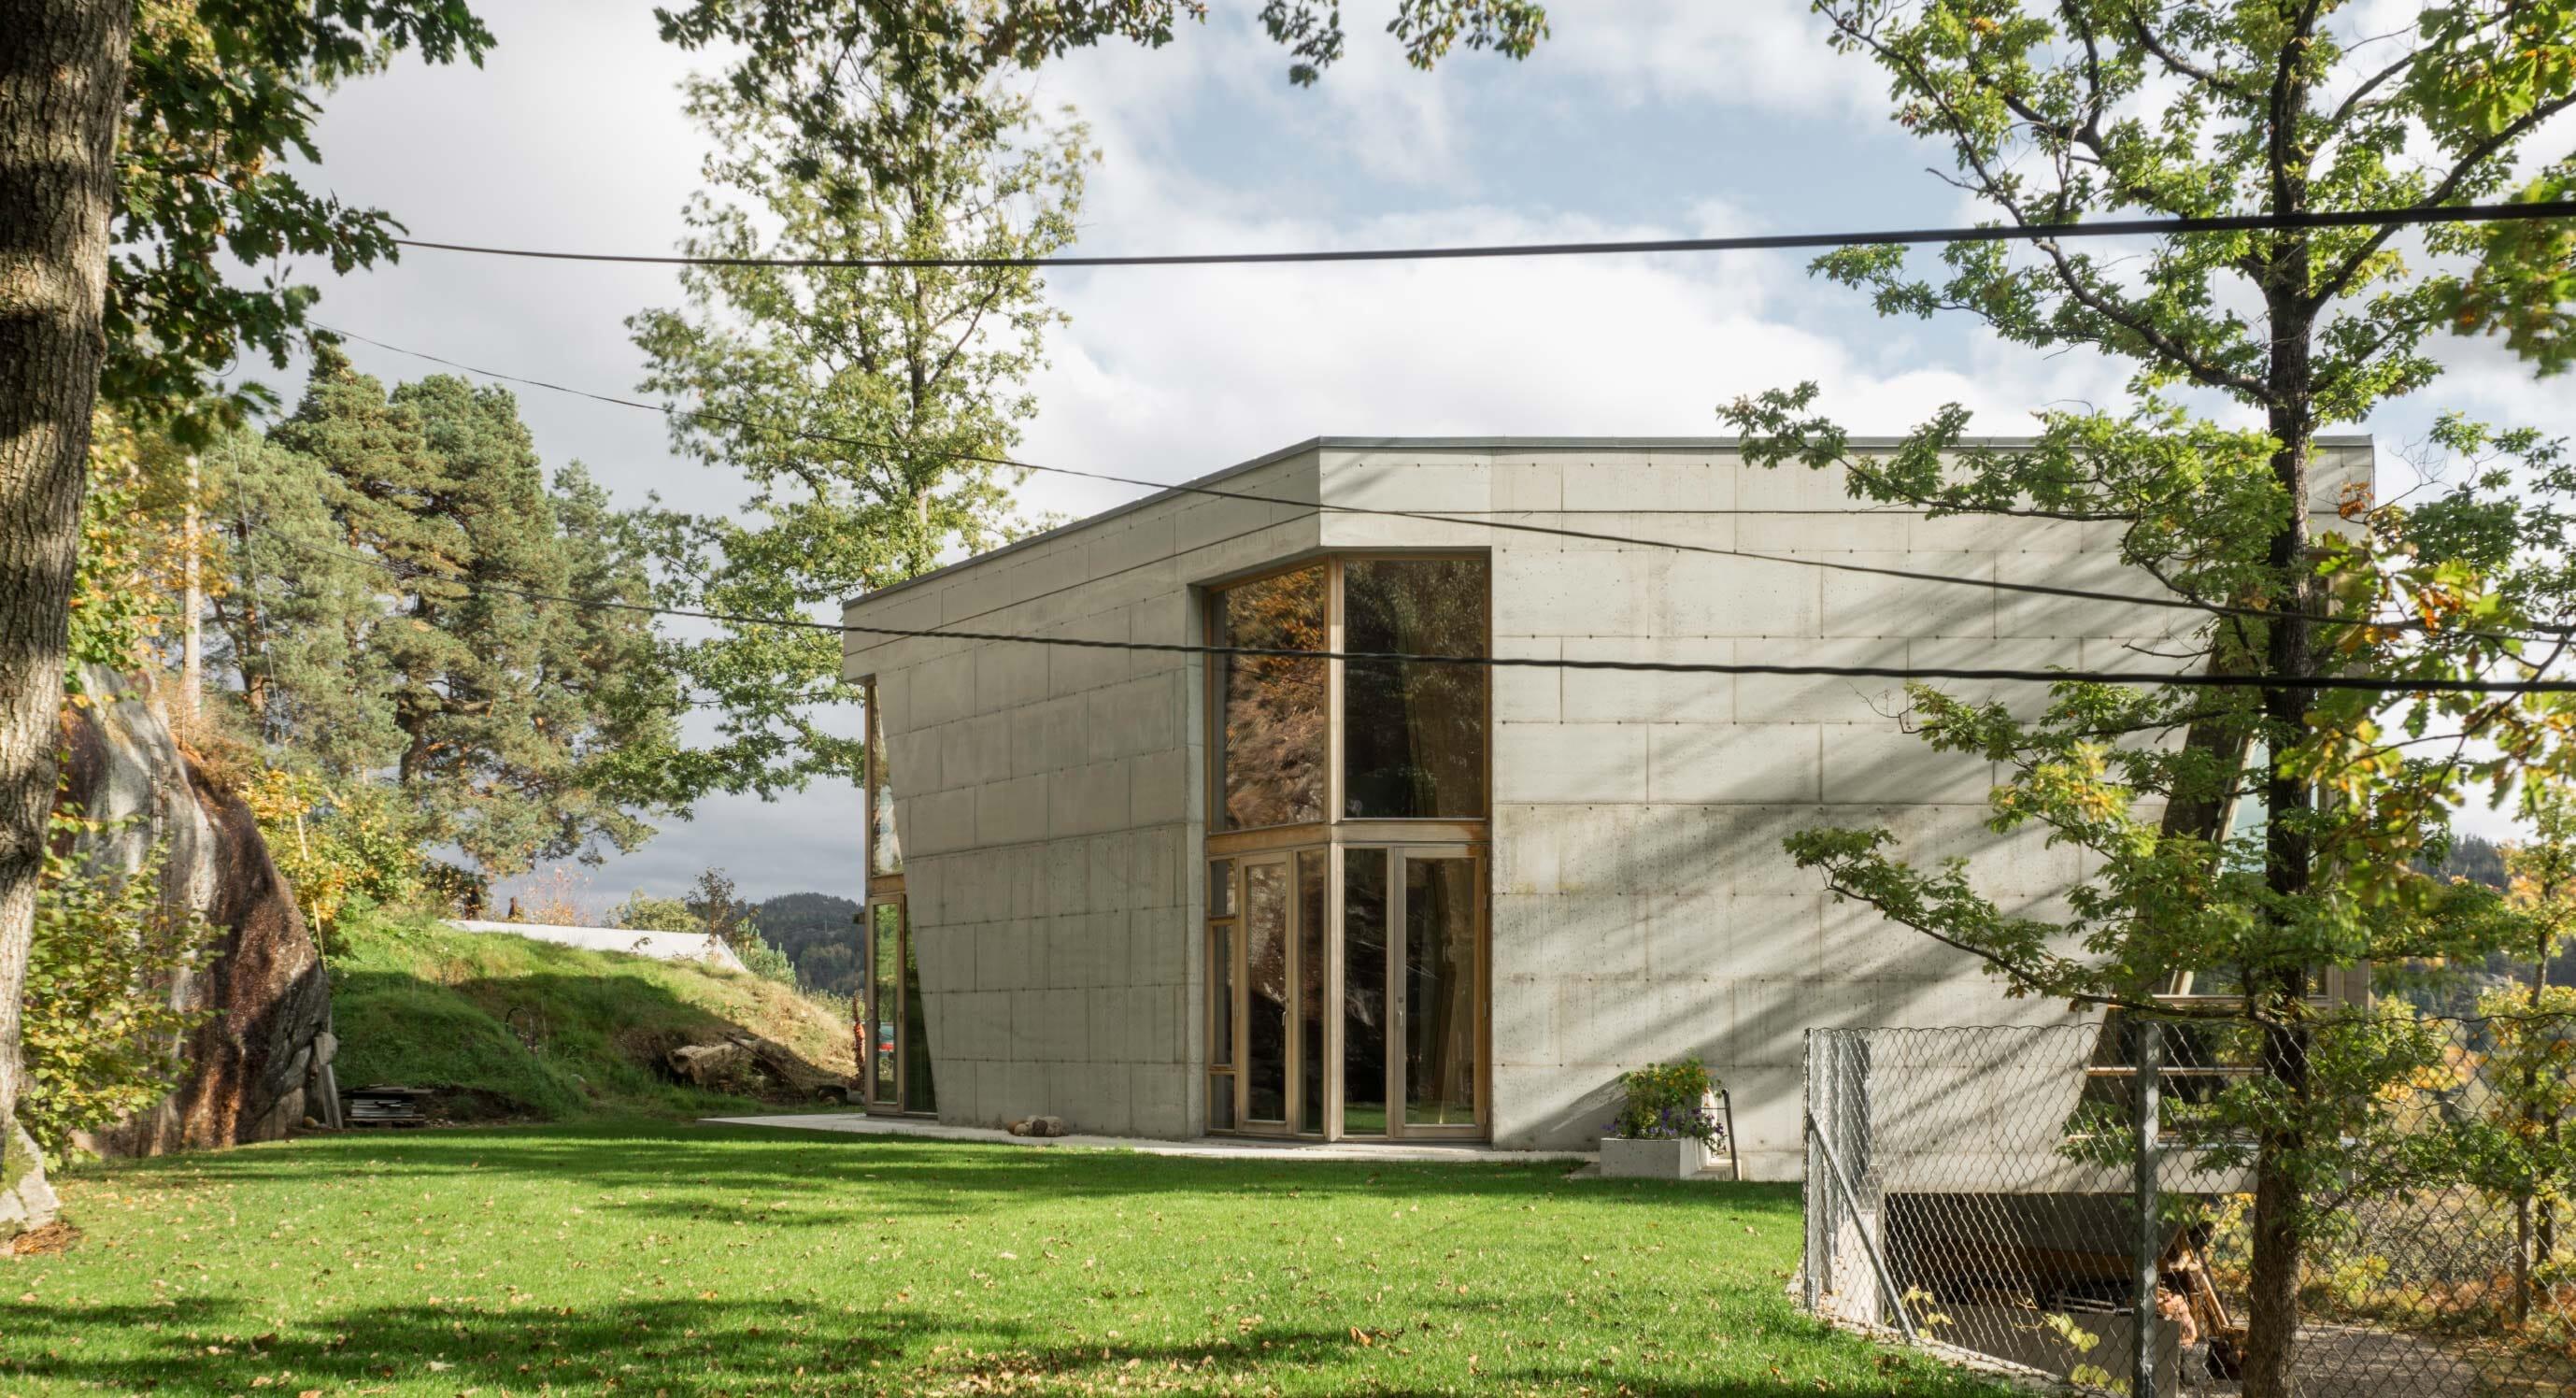 Villa Hexagon: Light and concrete